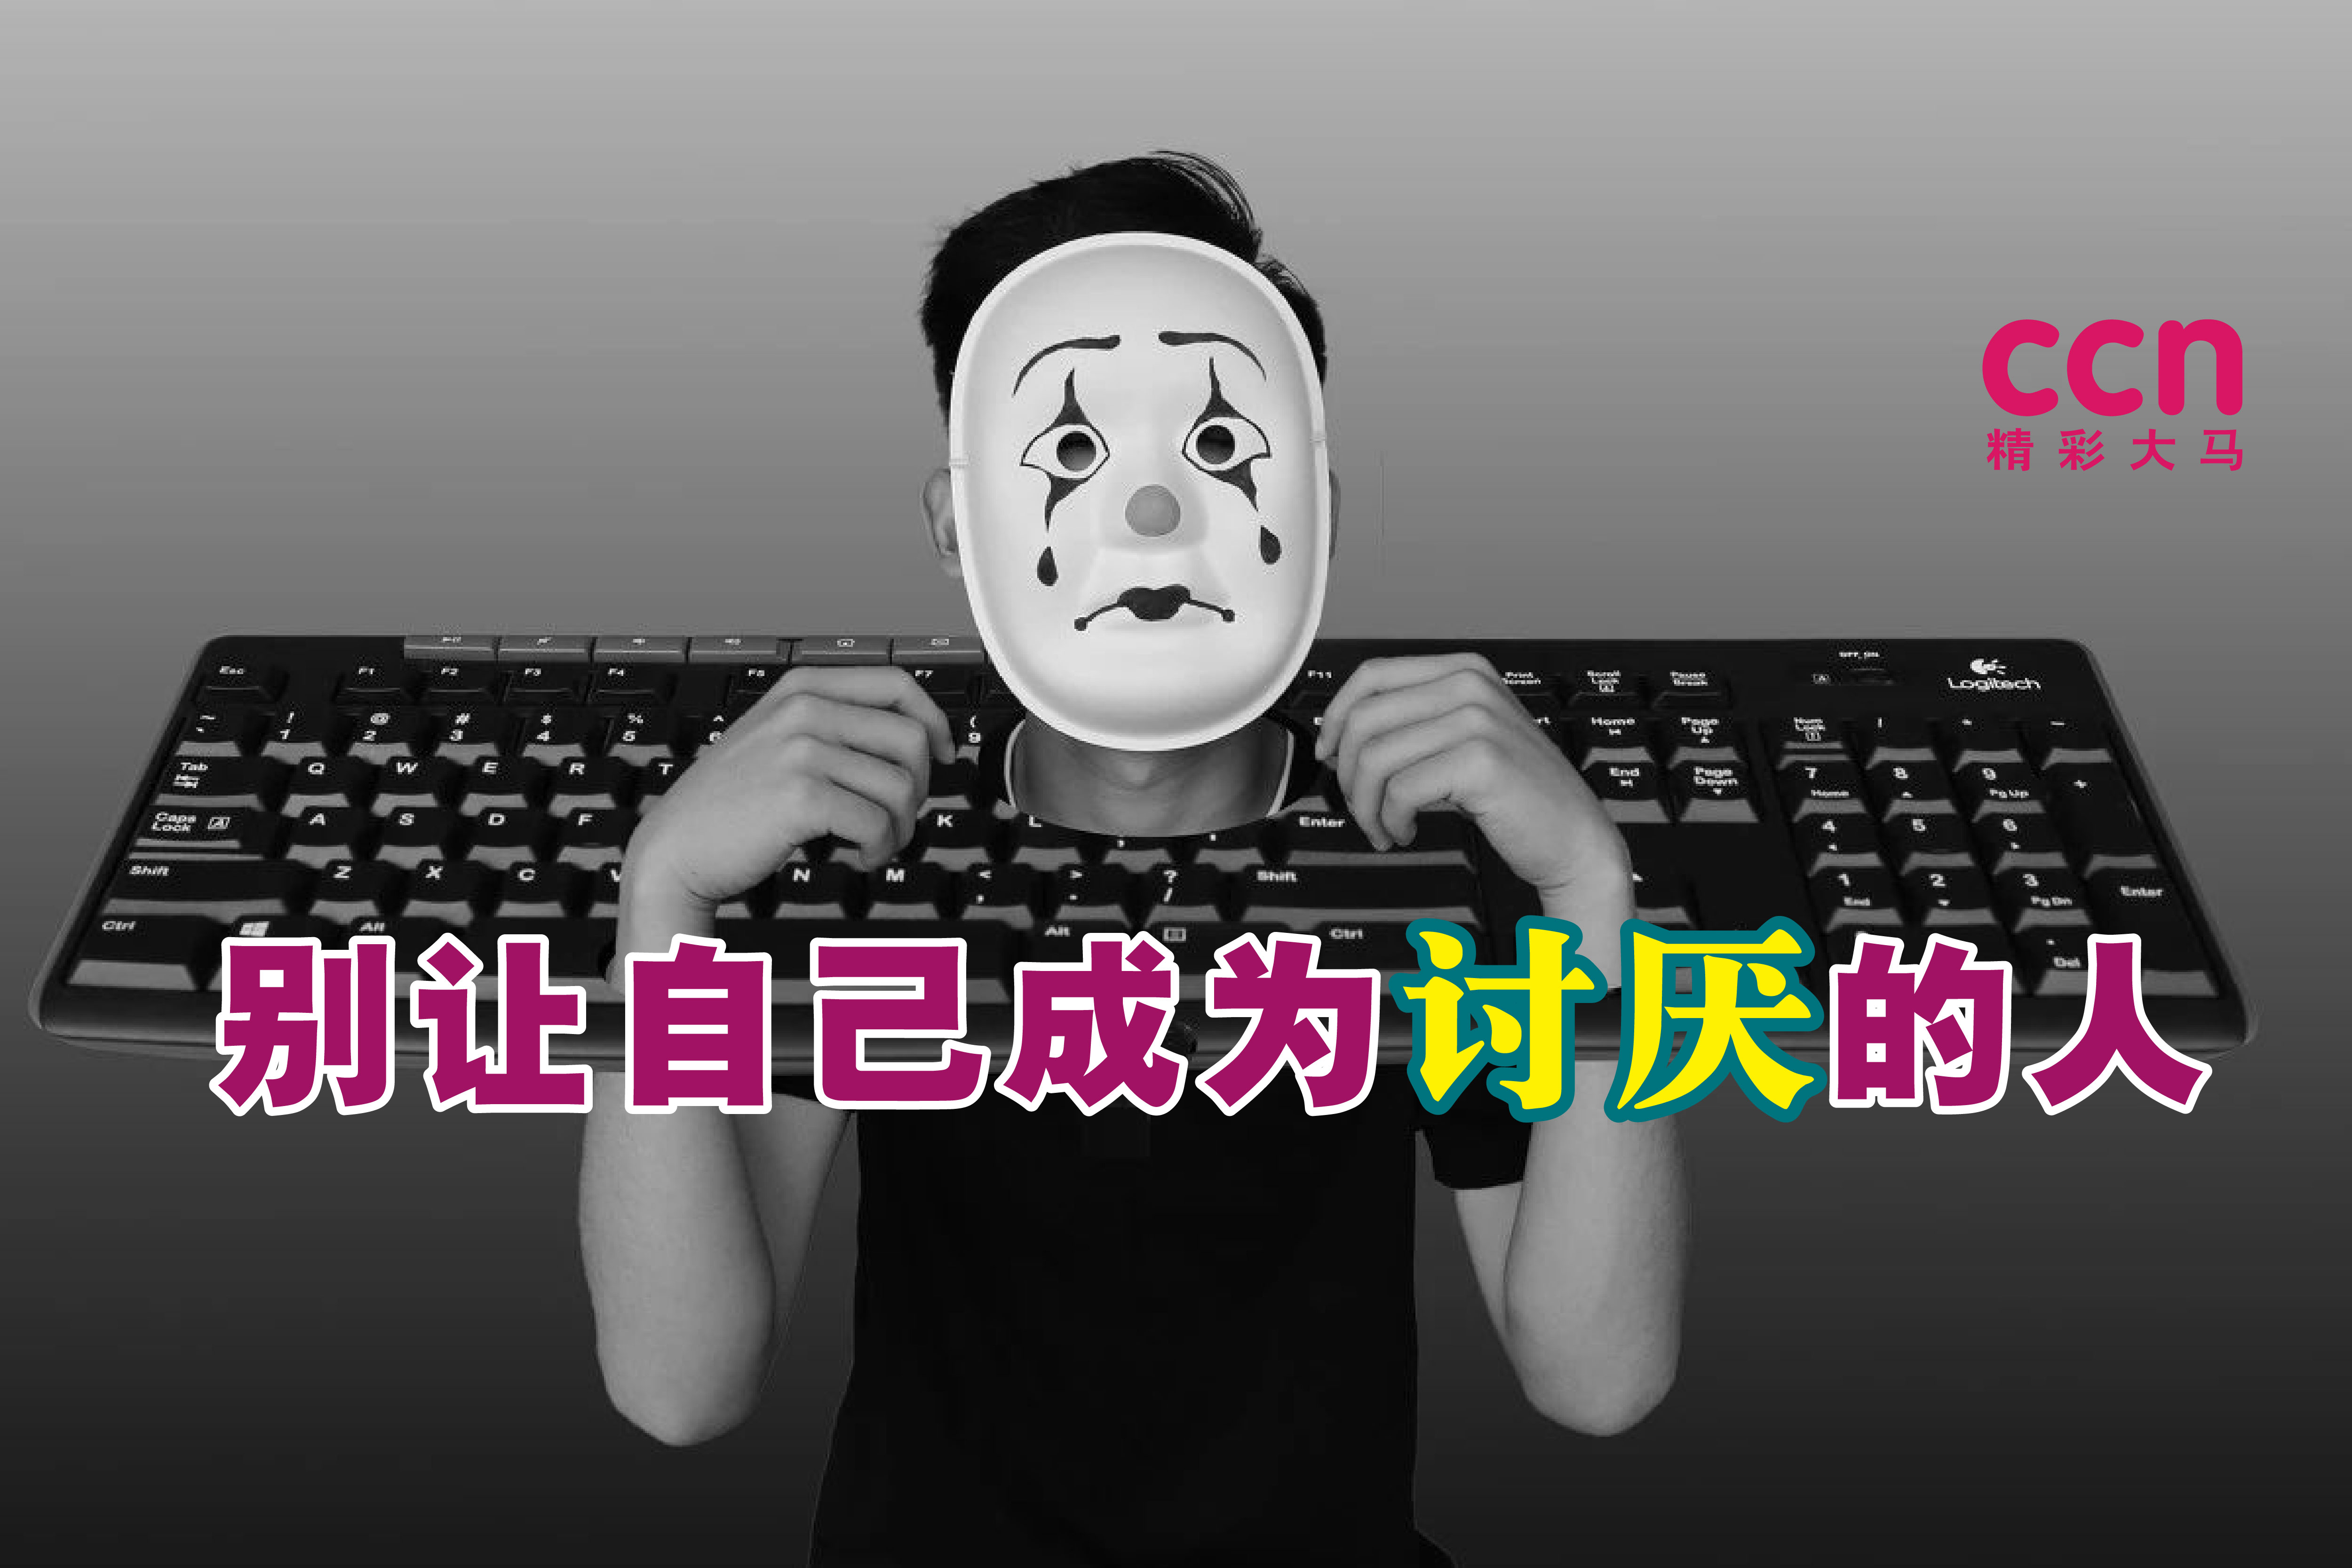 在霸凌受害者中,有1/3的人因此自残,更有1/10的人曾尝试过自杀,这份来自联合国的数据实实在在地道出了现今的网络与社会面对的问题。-图取自网络,精彩大马制图-